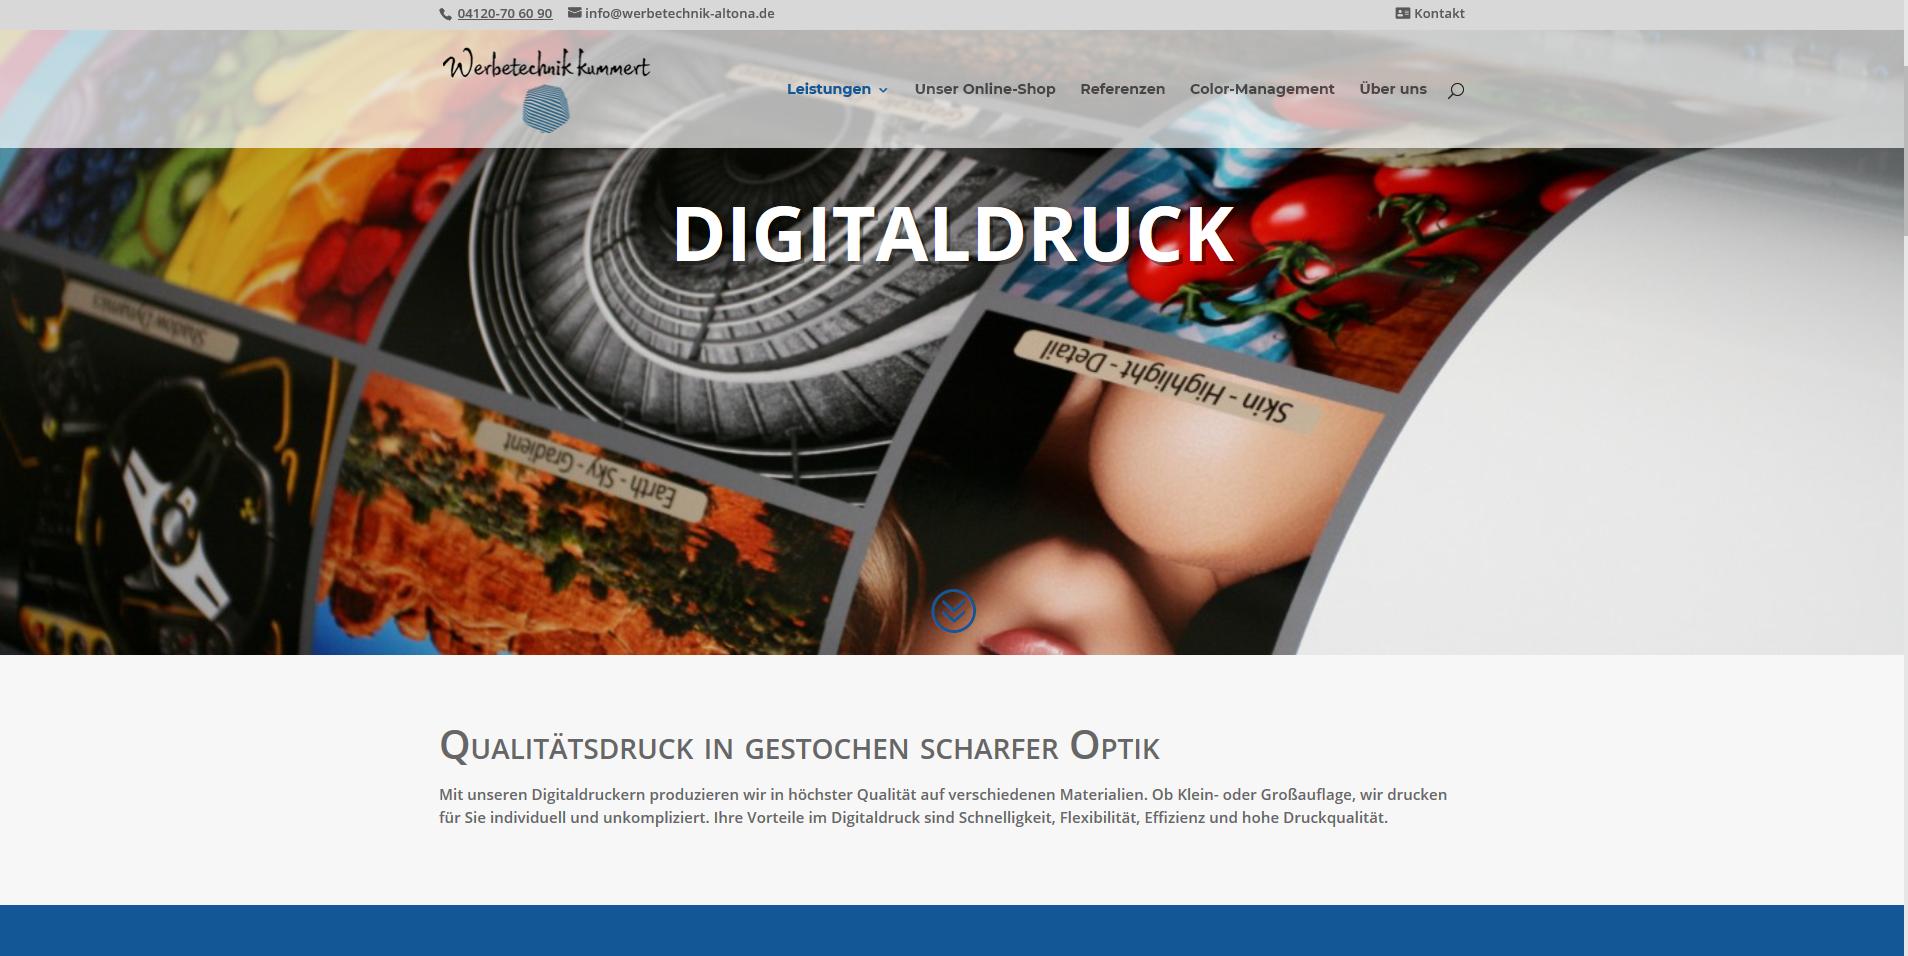 Wordpress Referenz Druckerei: Aufgeräumtes Design, starke Referenzbilder, klare Leistungsübersicht